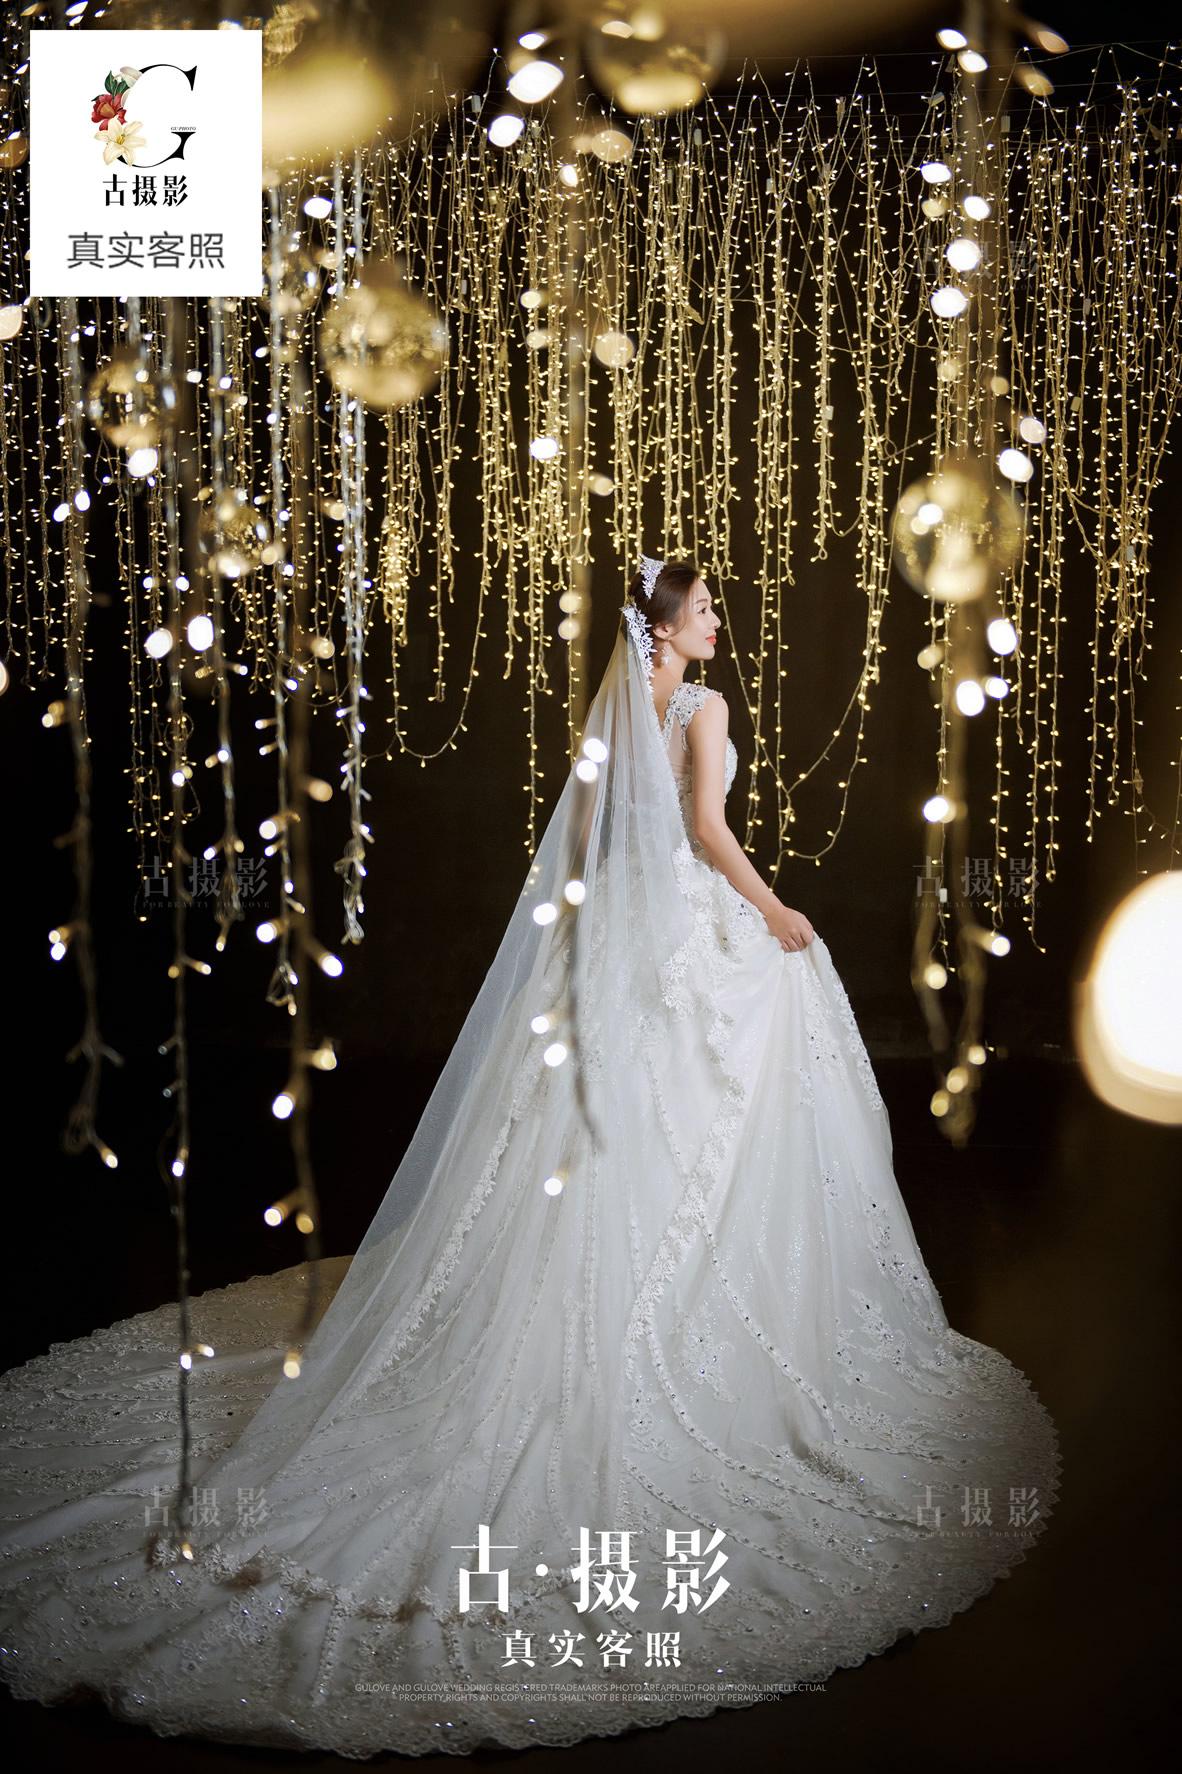 12月6日客片阮先生 孙小姐 - 每日客照 - 广州婚纱摄影-广州古摄影官网